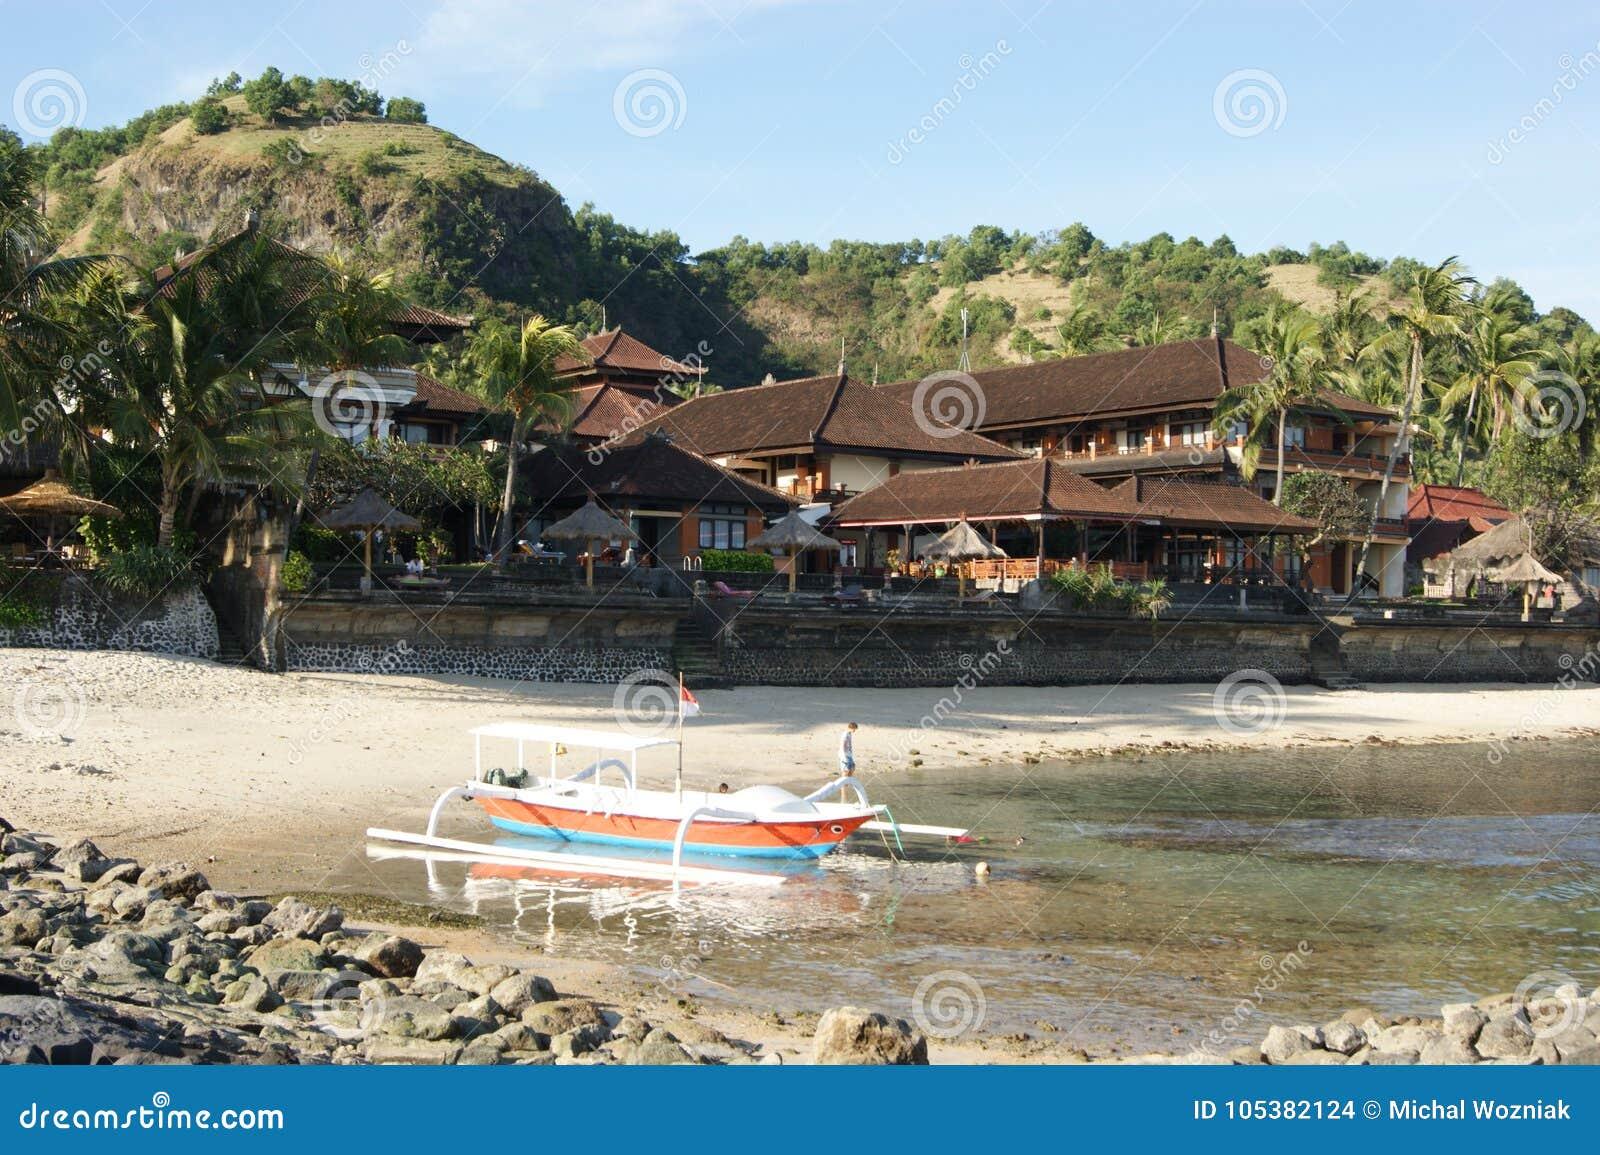 Trimarã da pesca em Bali, Indonésia